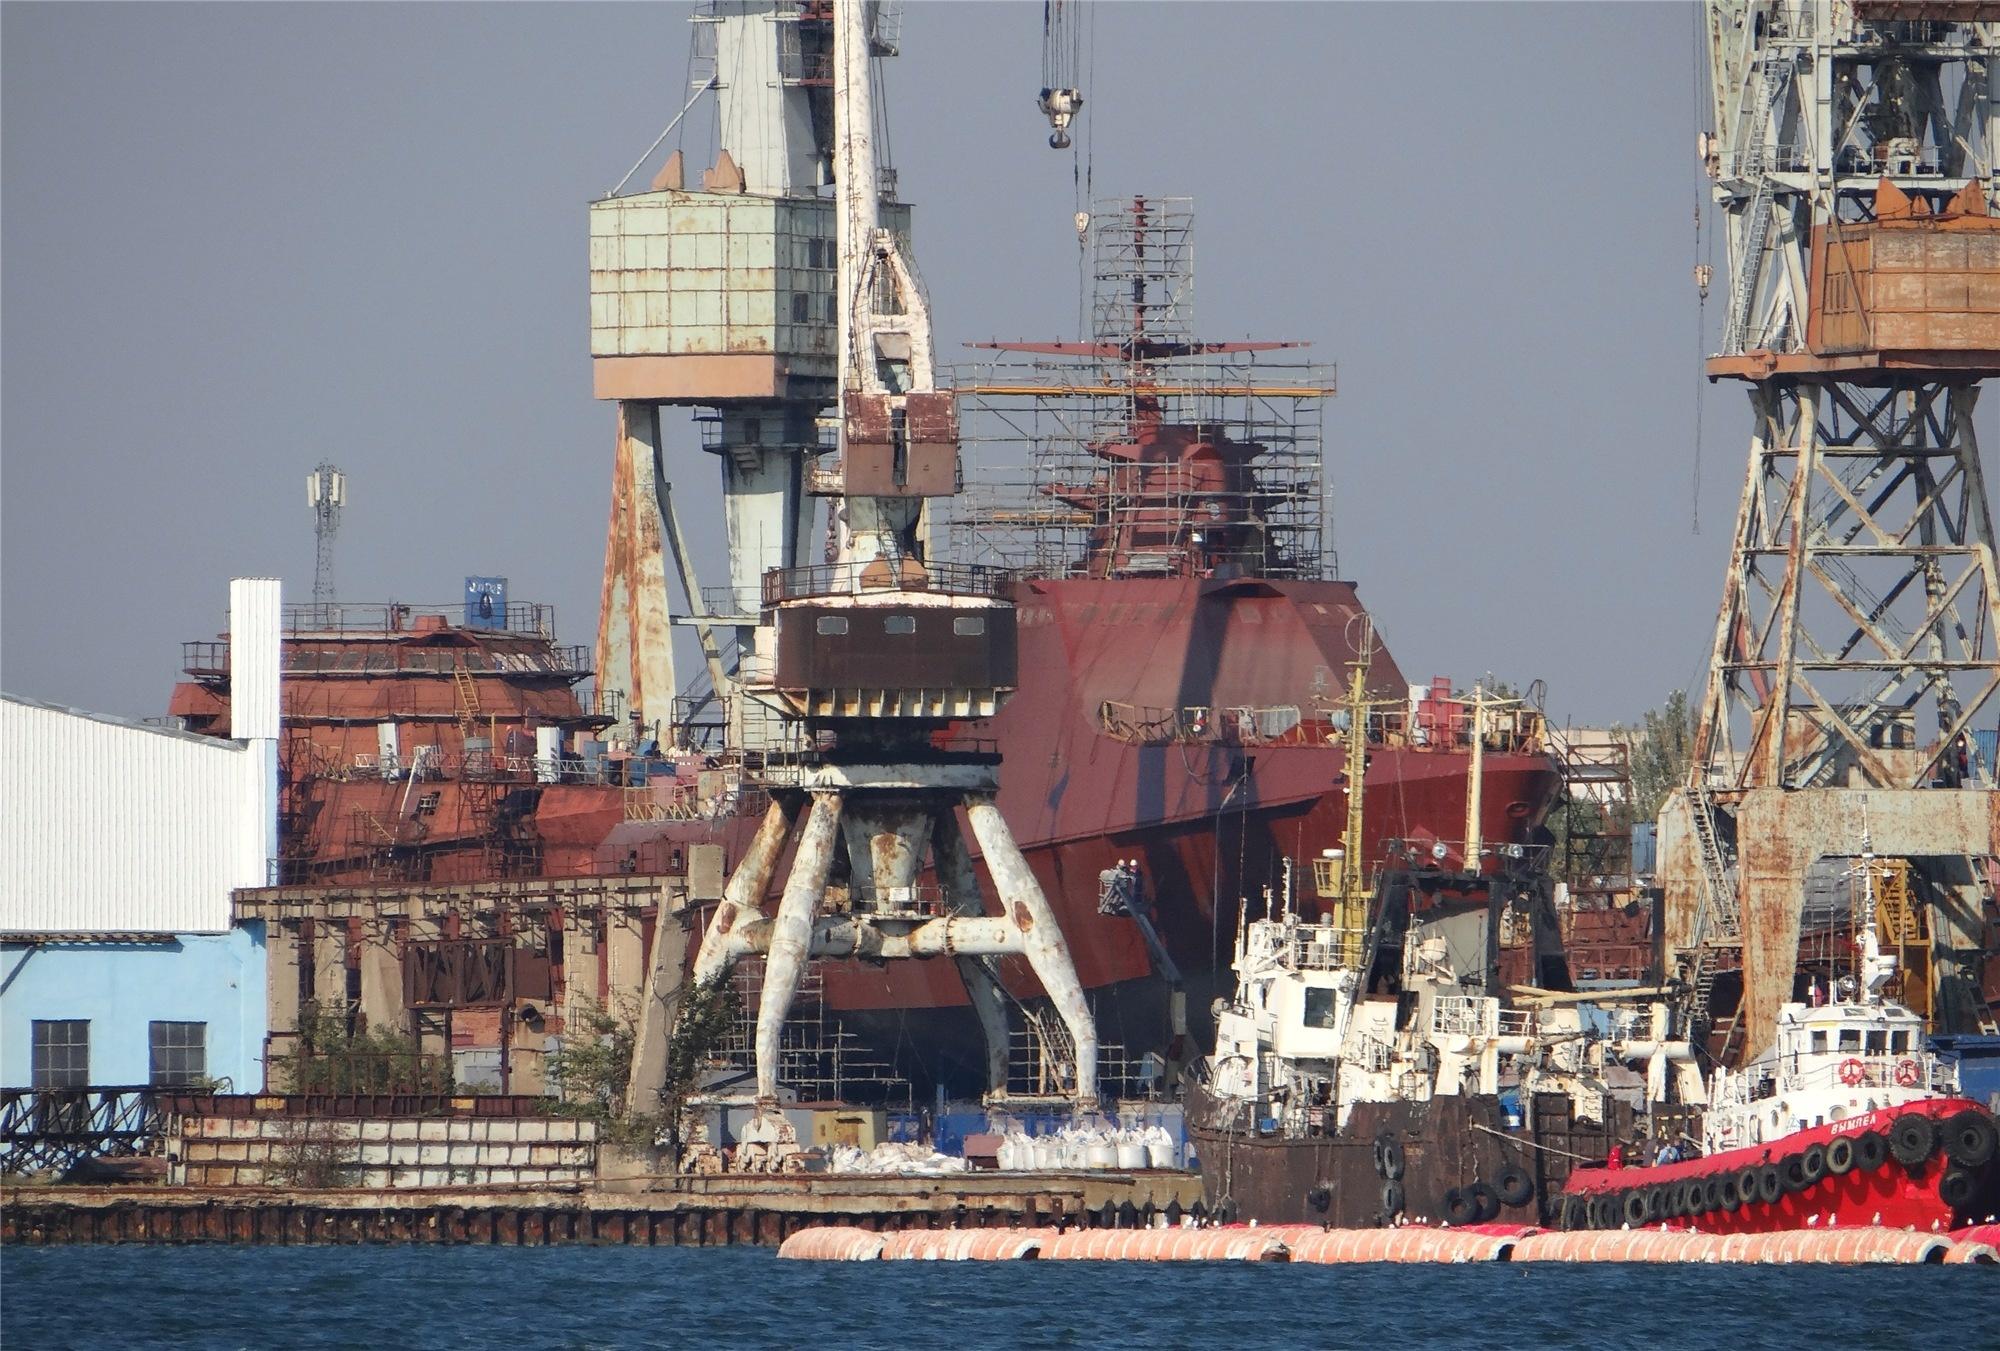 Project 22160 Bykov-class patrol ship - Page 15 F_YS5yYWRpa2FsLnJ1L2ExMS8xODEwLzY3LzZmYWMzMmVlYjAyOC5qcGc_X19pZD0xMTI3MTE=